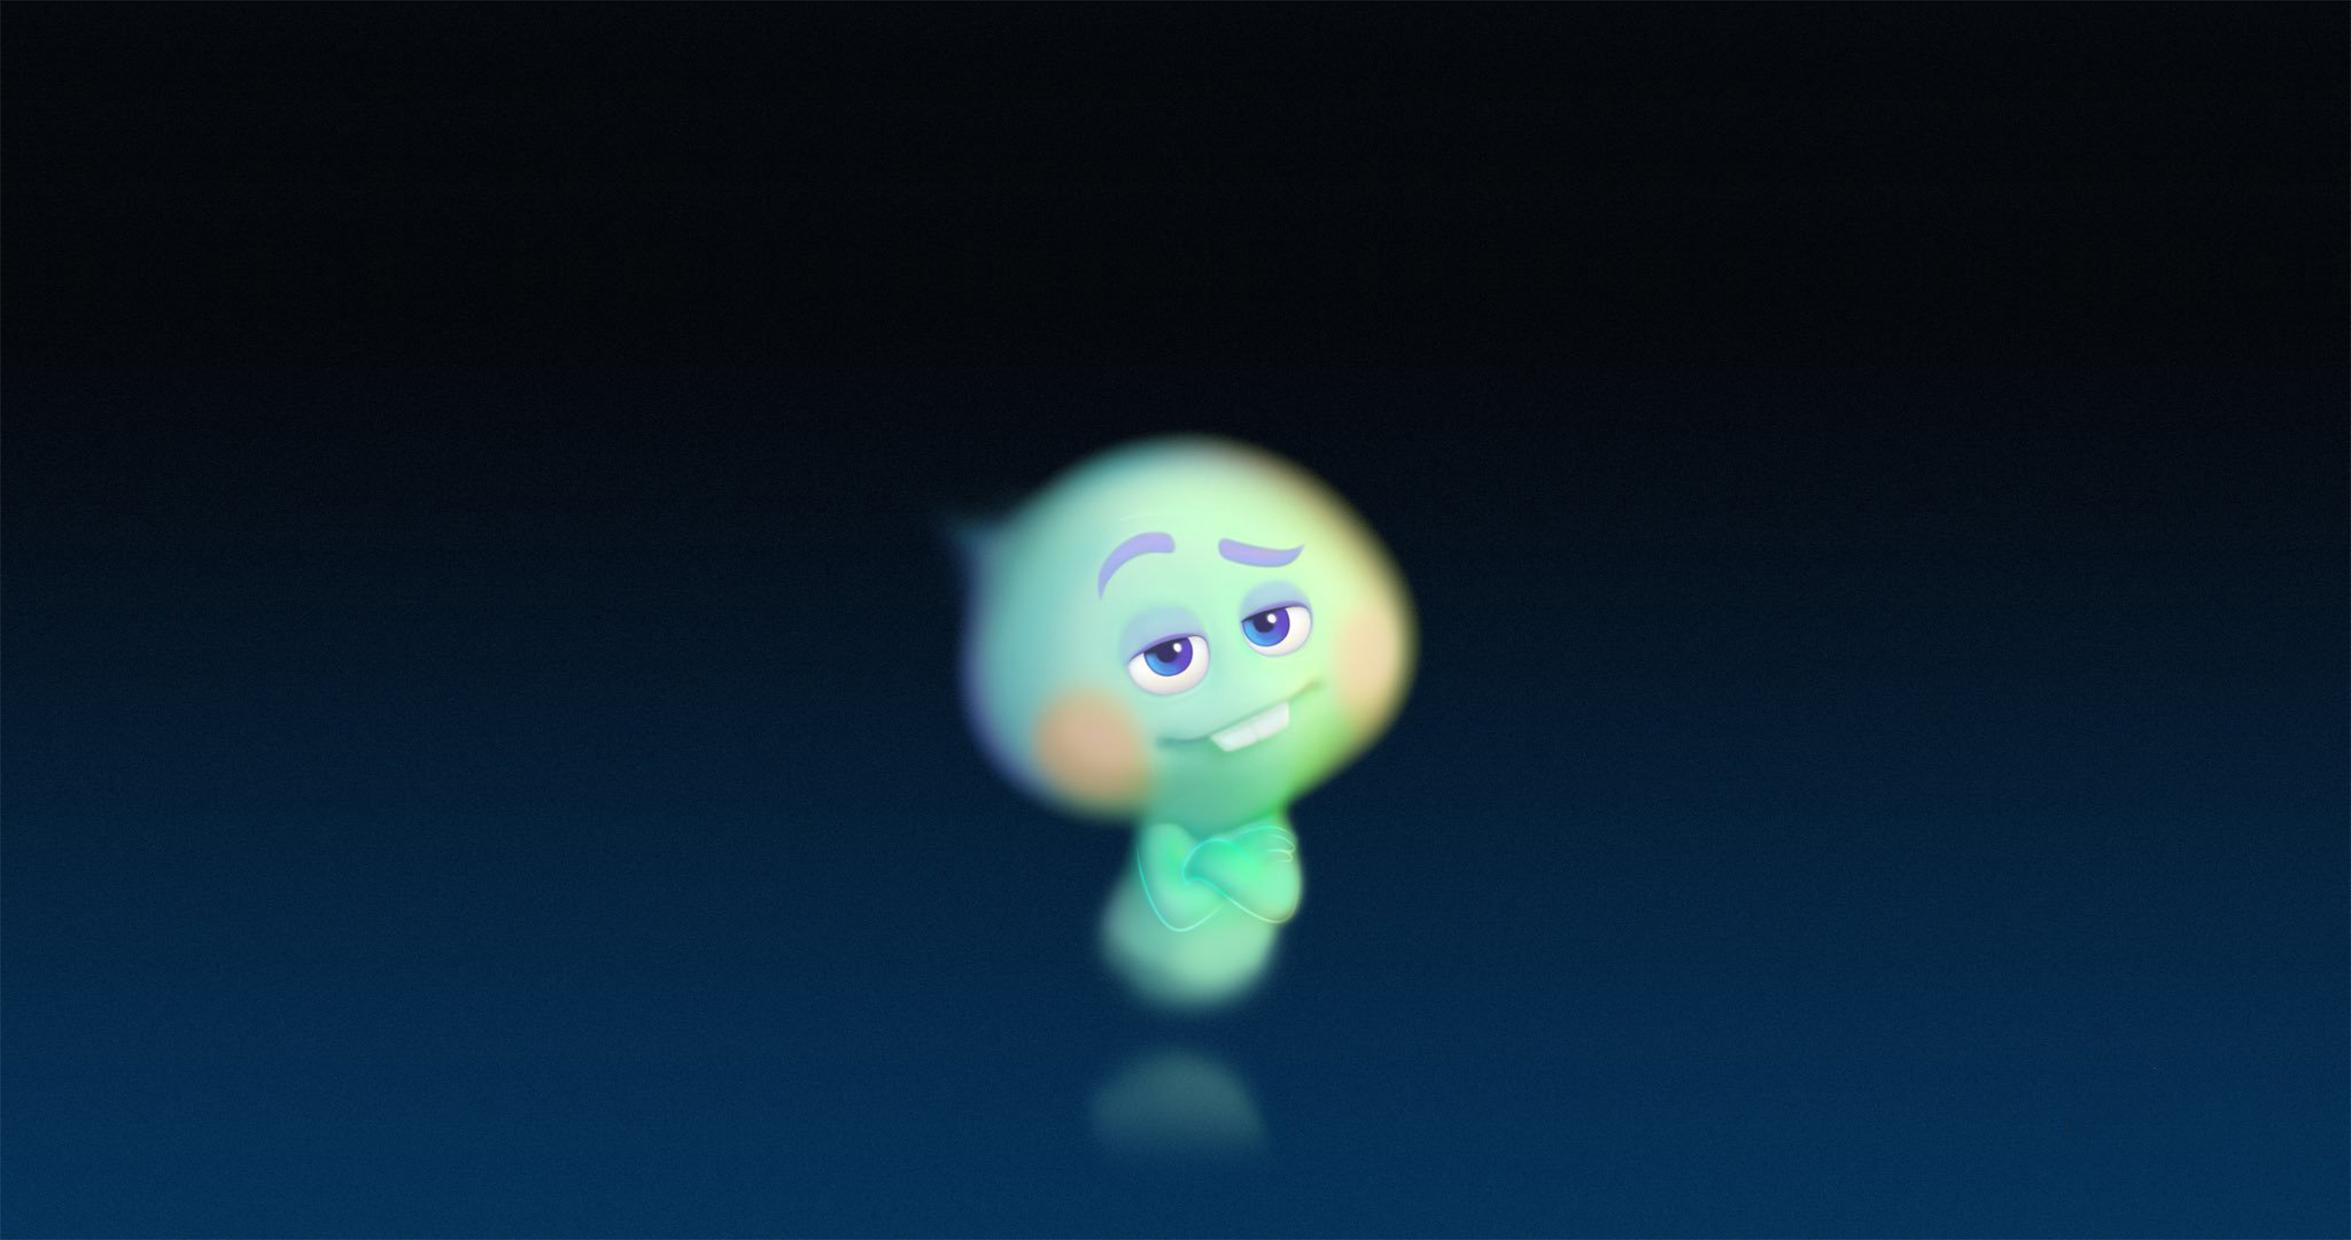 Pixar S Soul Movie Wallpaper Hd Movies 4k Wallpapers